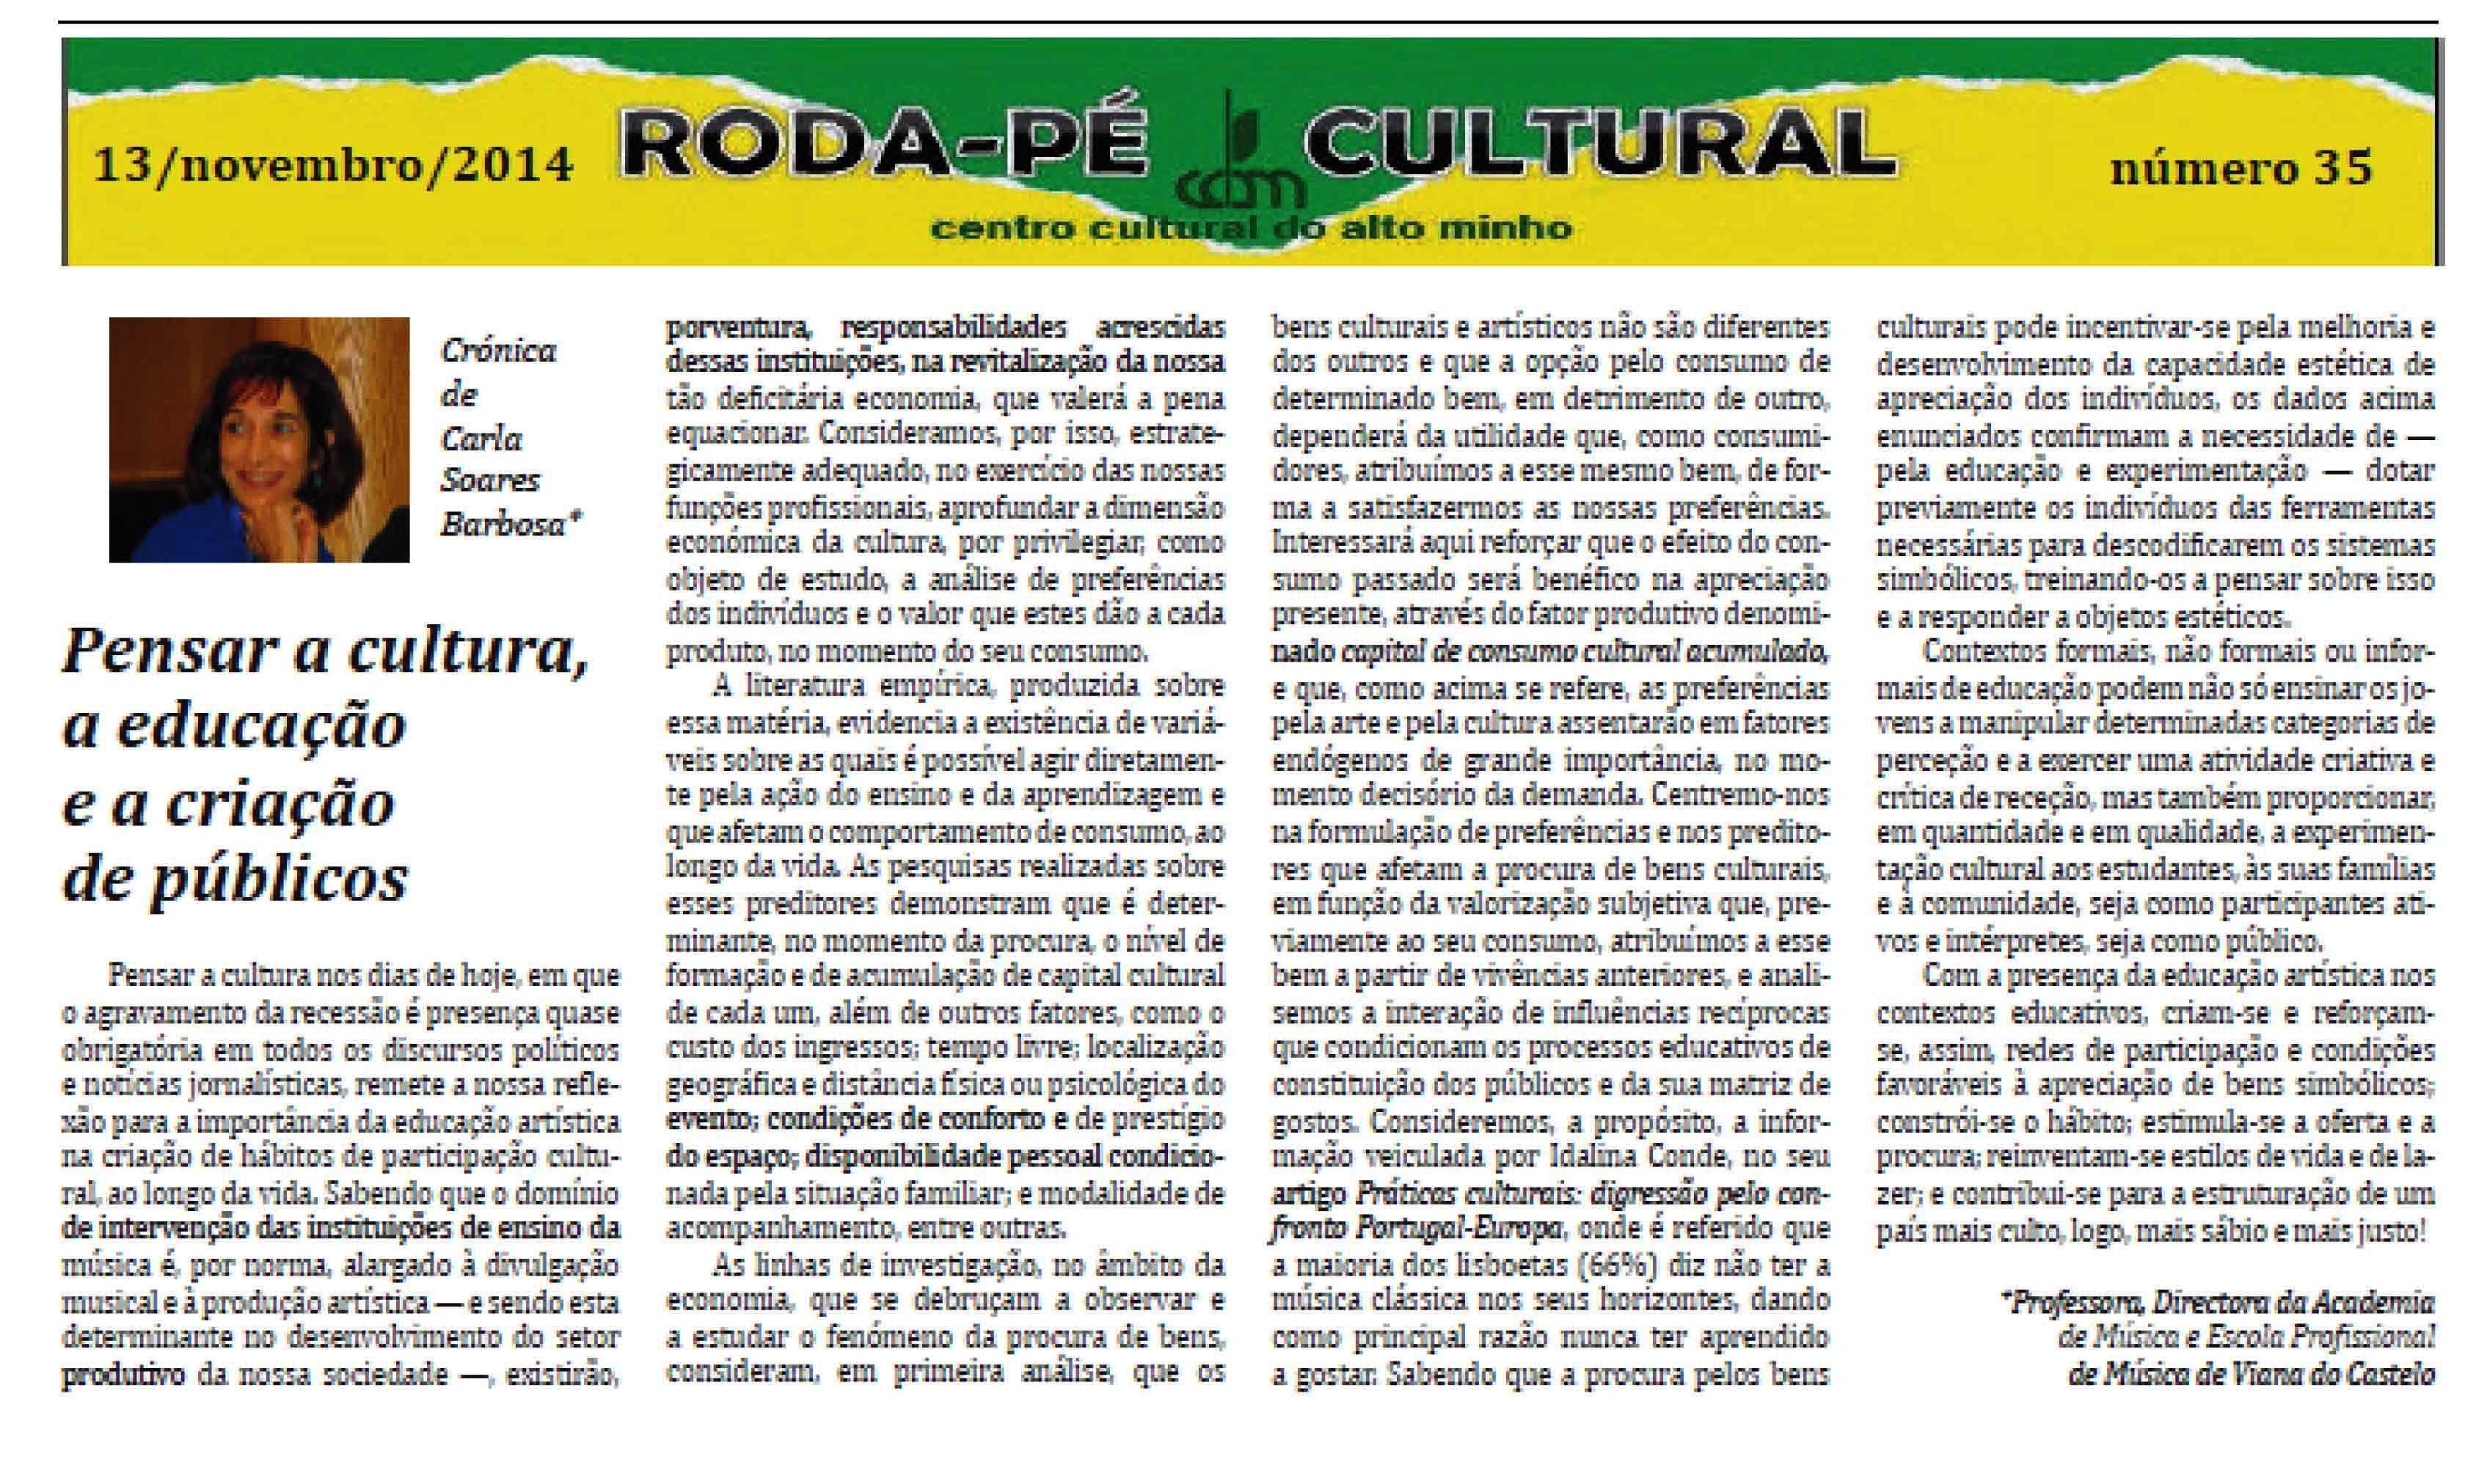 https://sites.google.com/a/centroculturaldoaltominho.org/ccam/actividades-realizadas/2014/Rp_35.jpg